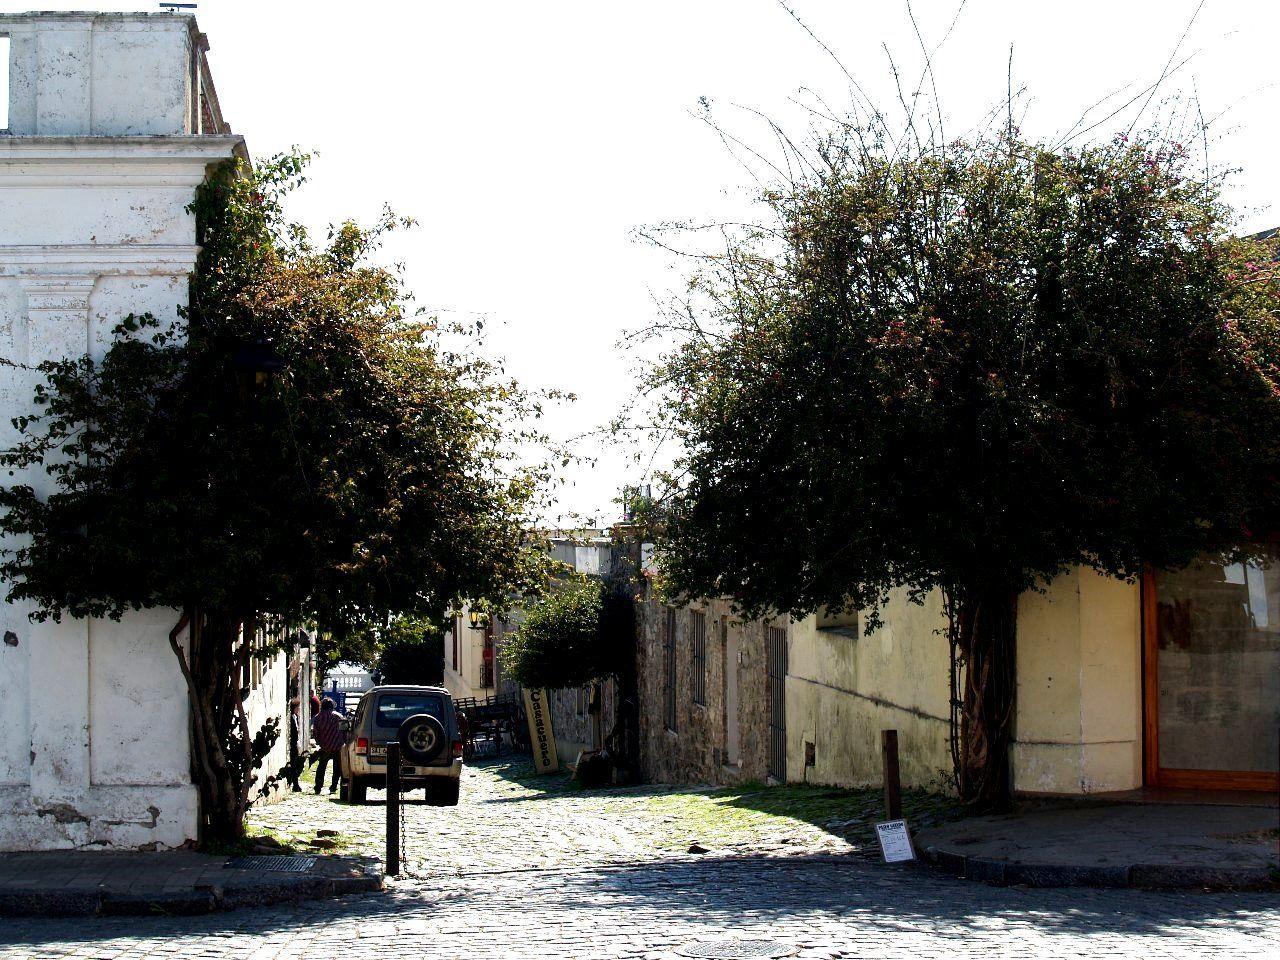 Исторический Центр Колония-дель-Сакраменто Колония-дель-Сакраменто, Уругвай